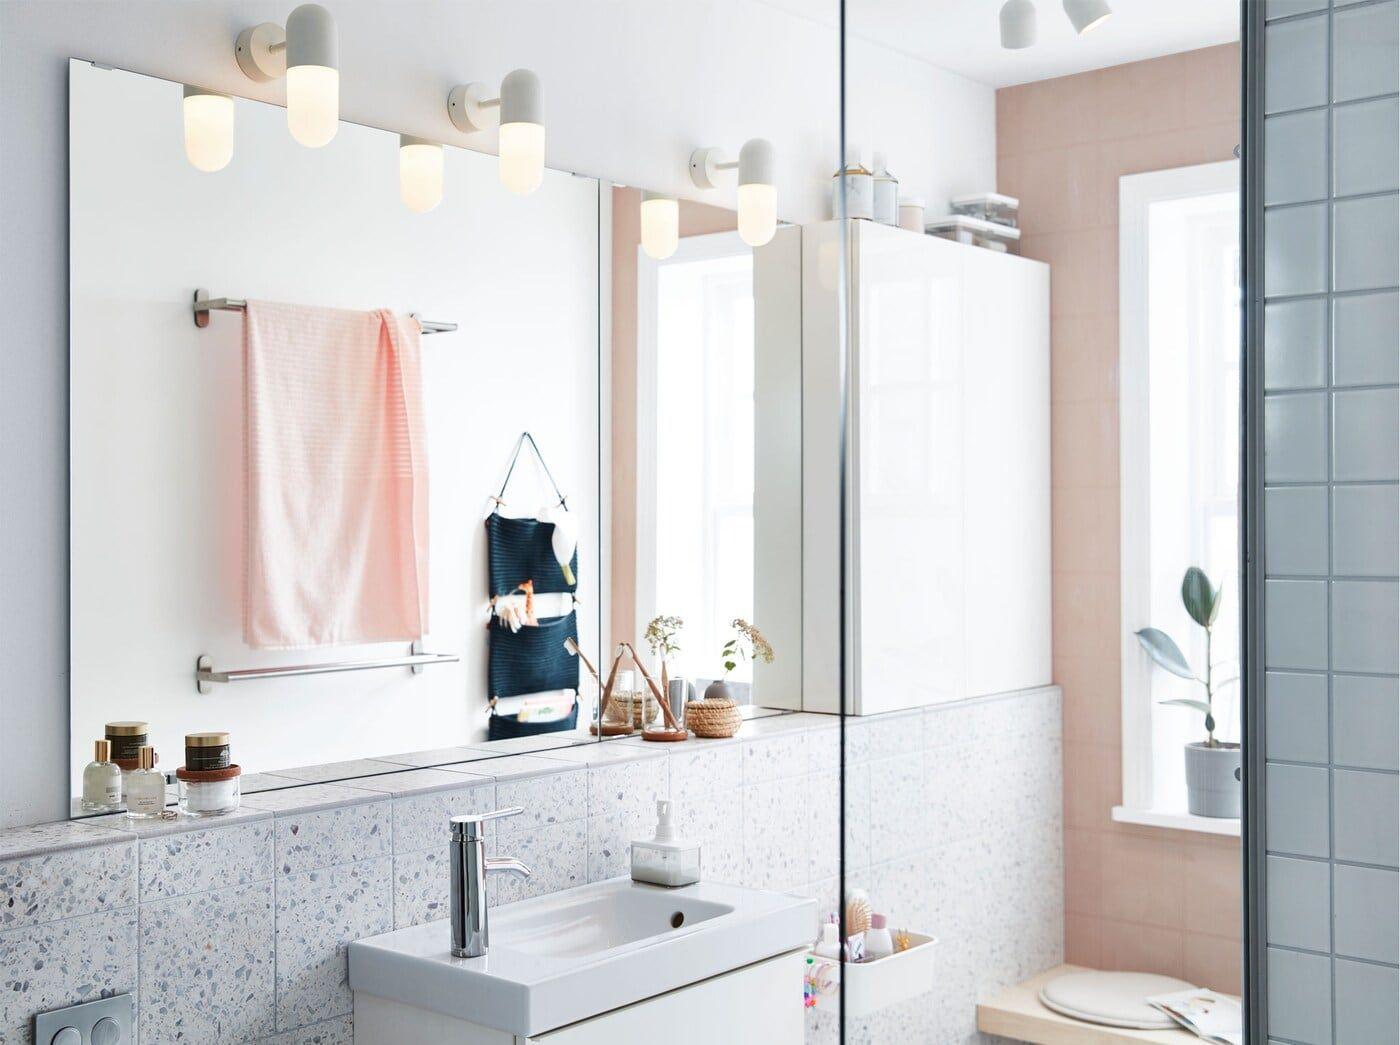 Badezimmer Ideen Inspirationen Badezimmer Licht Ikea Badezimmer Beleuchtung Ikea Badezimmer